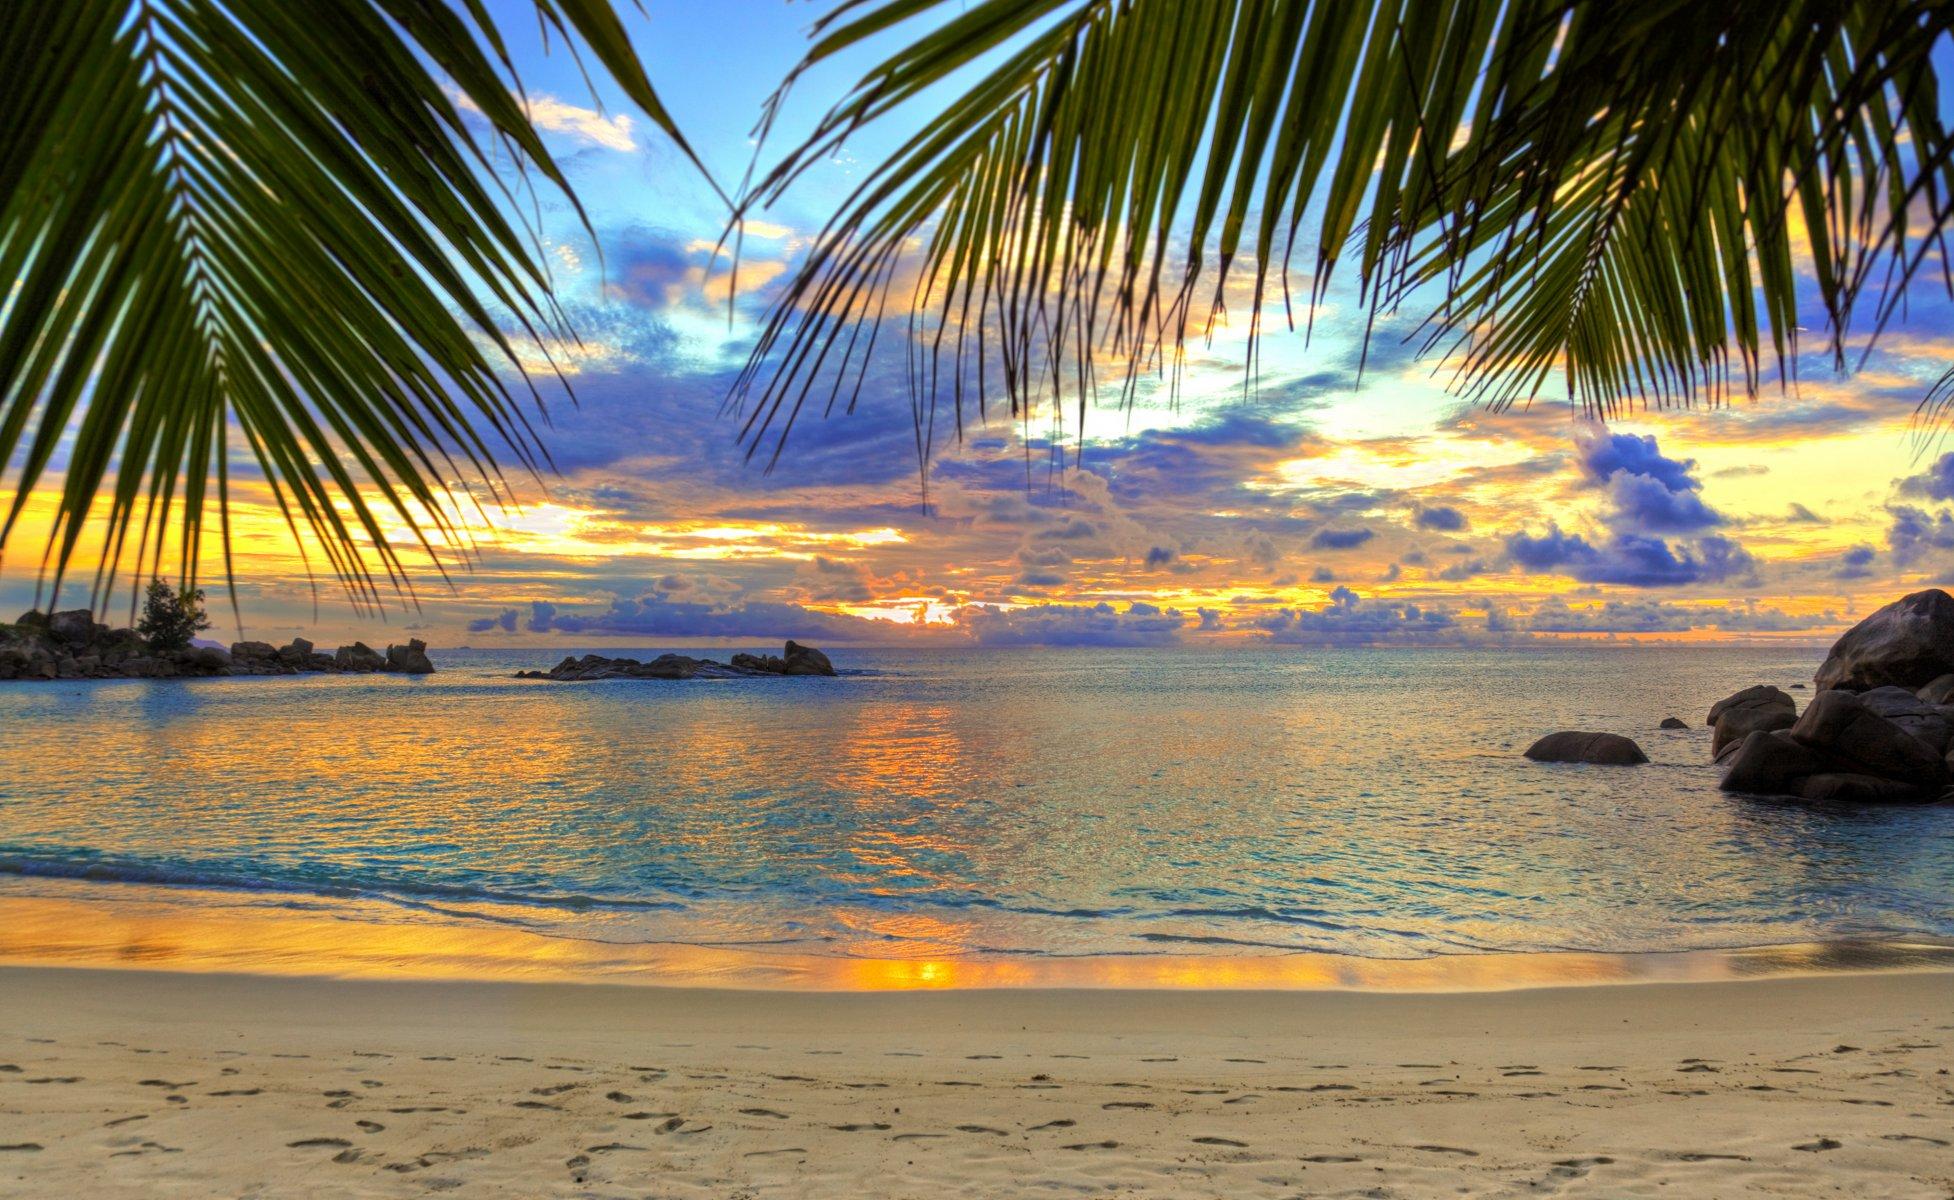 Пляж с пальмами ошибаетесь